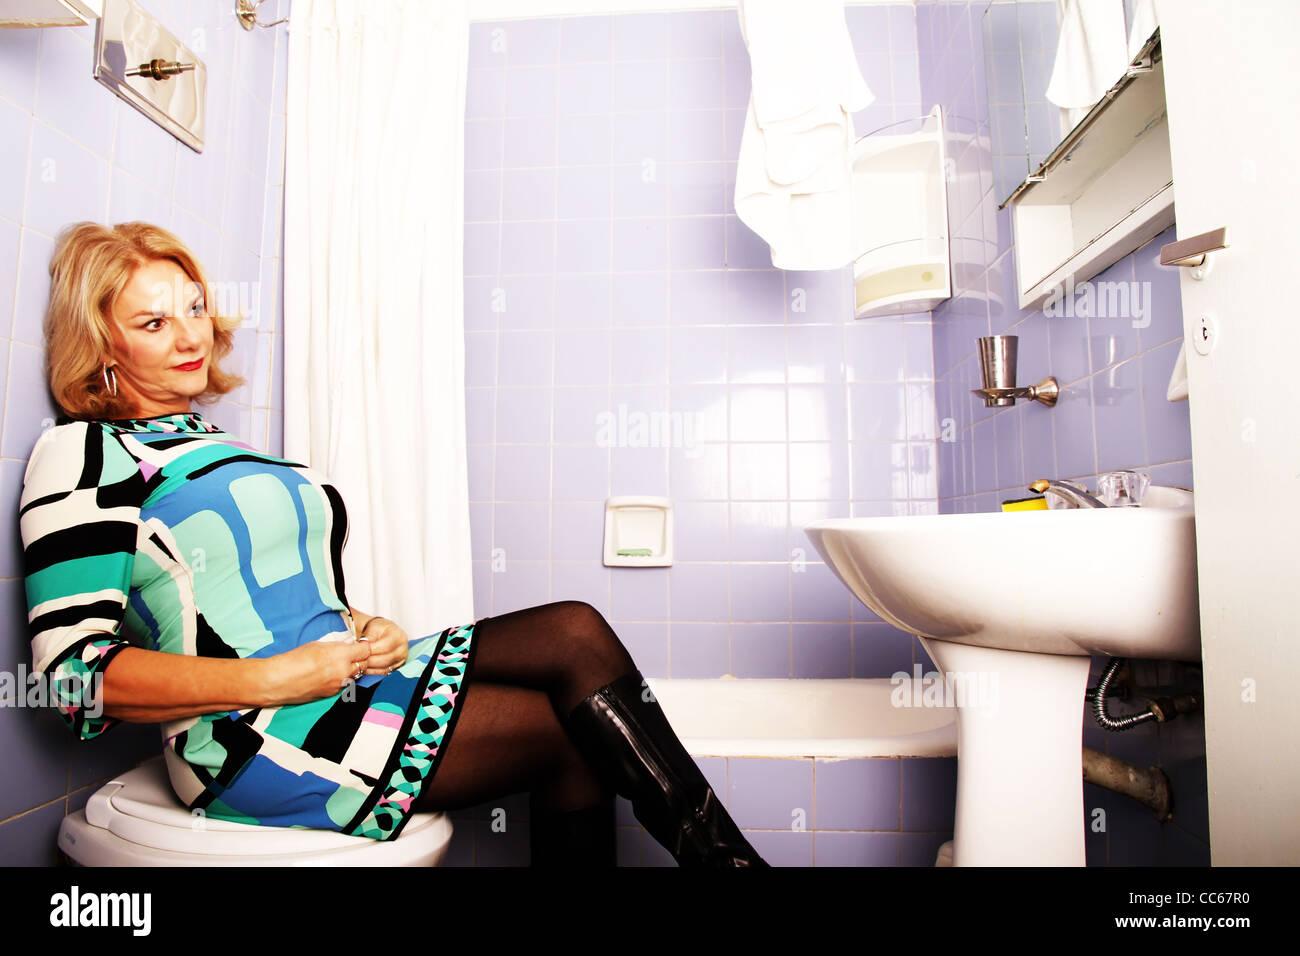 Vintage / femme / shoot rétro fatale. Femme assise sur la toilette. Photo Stock